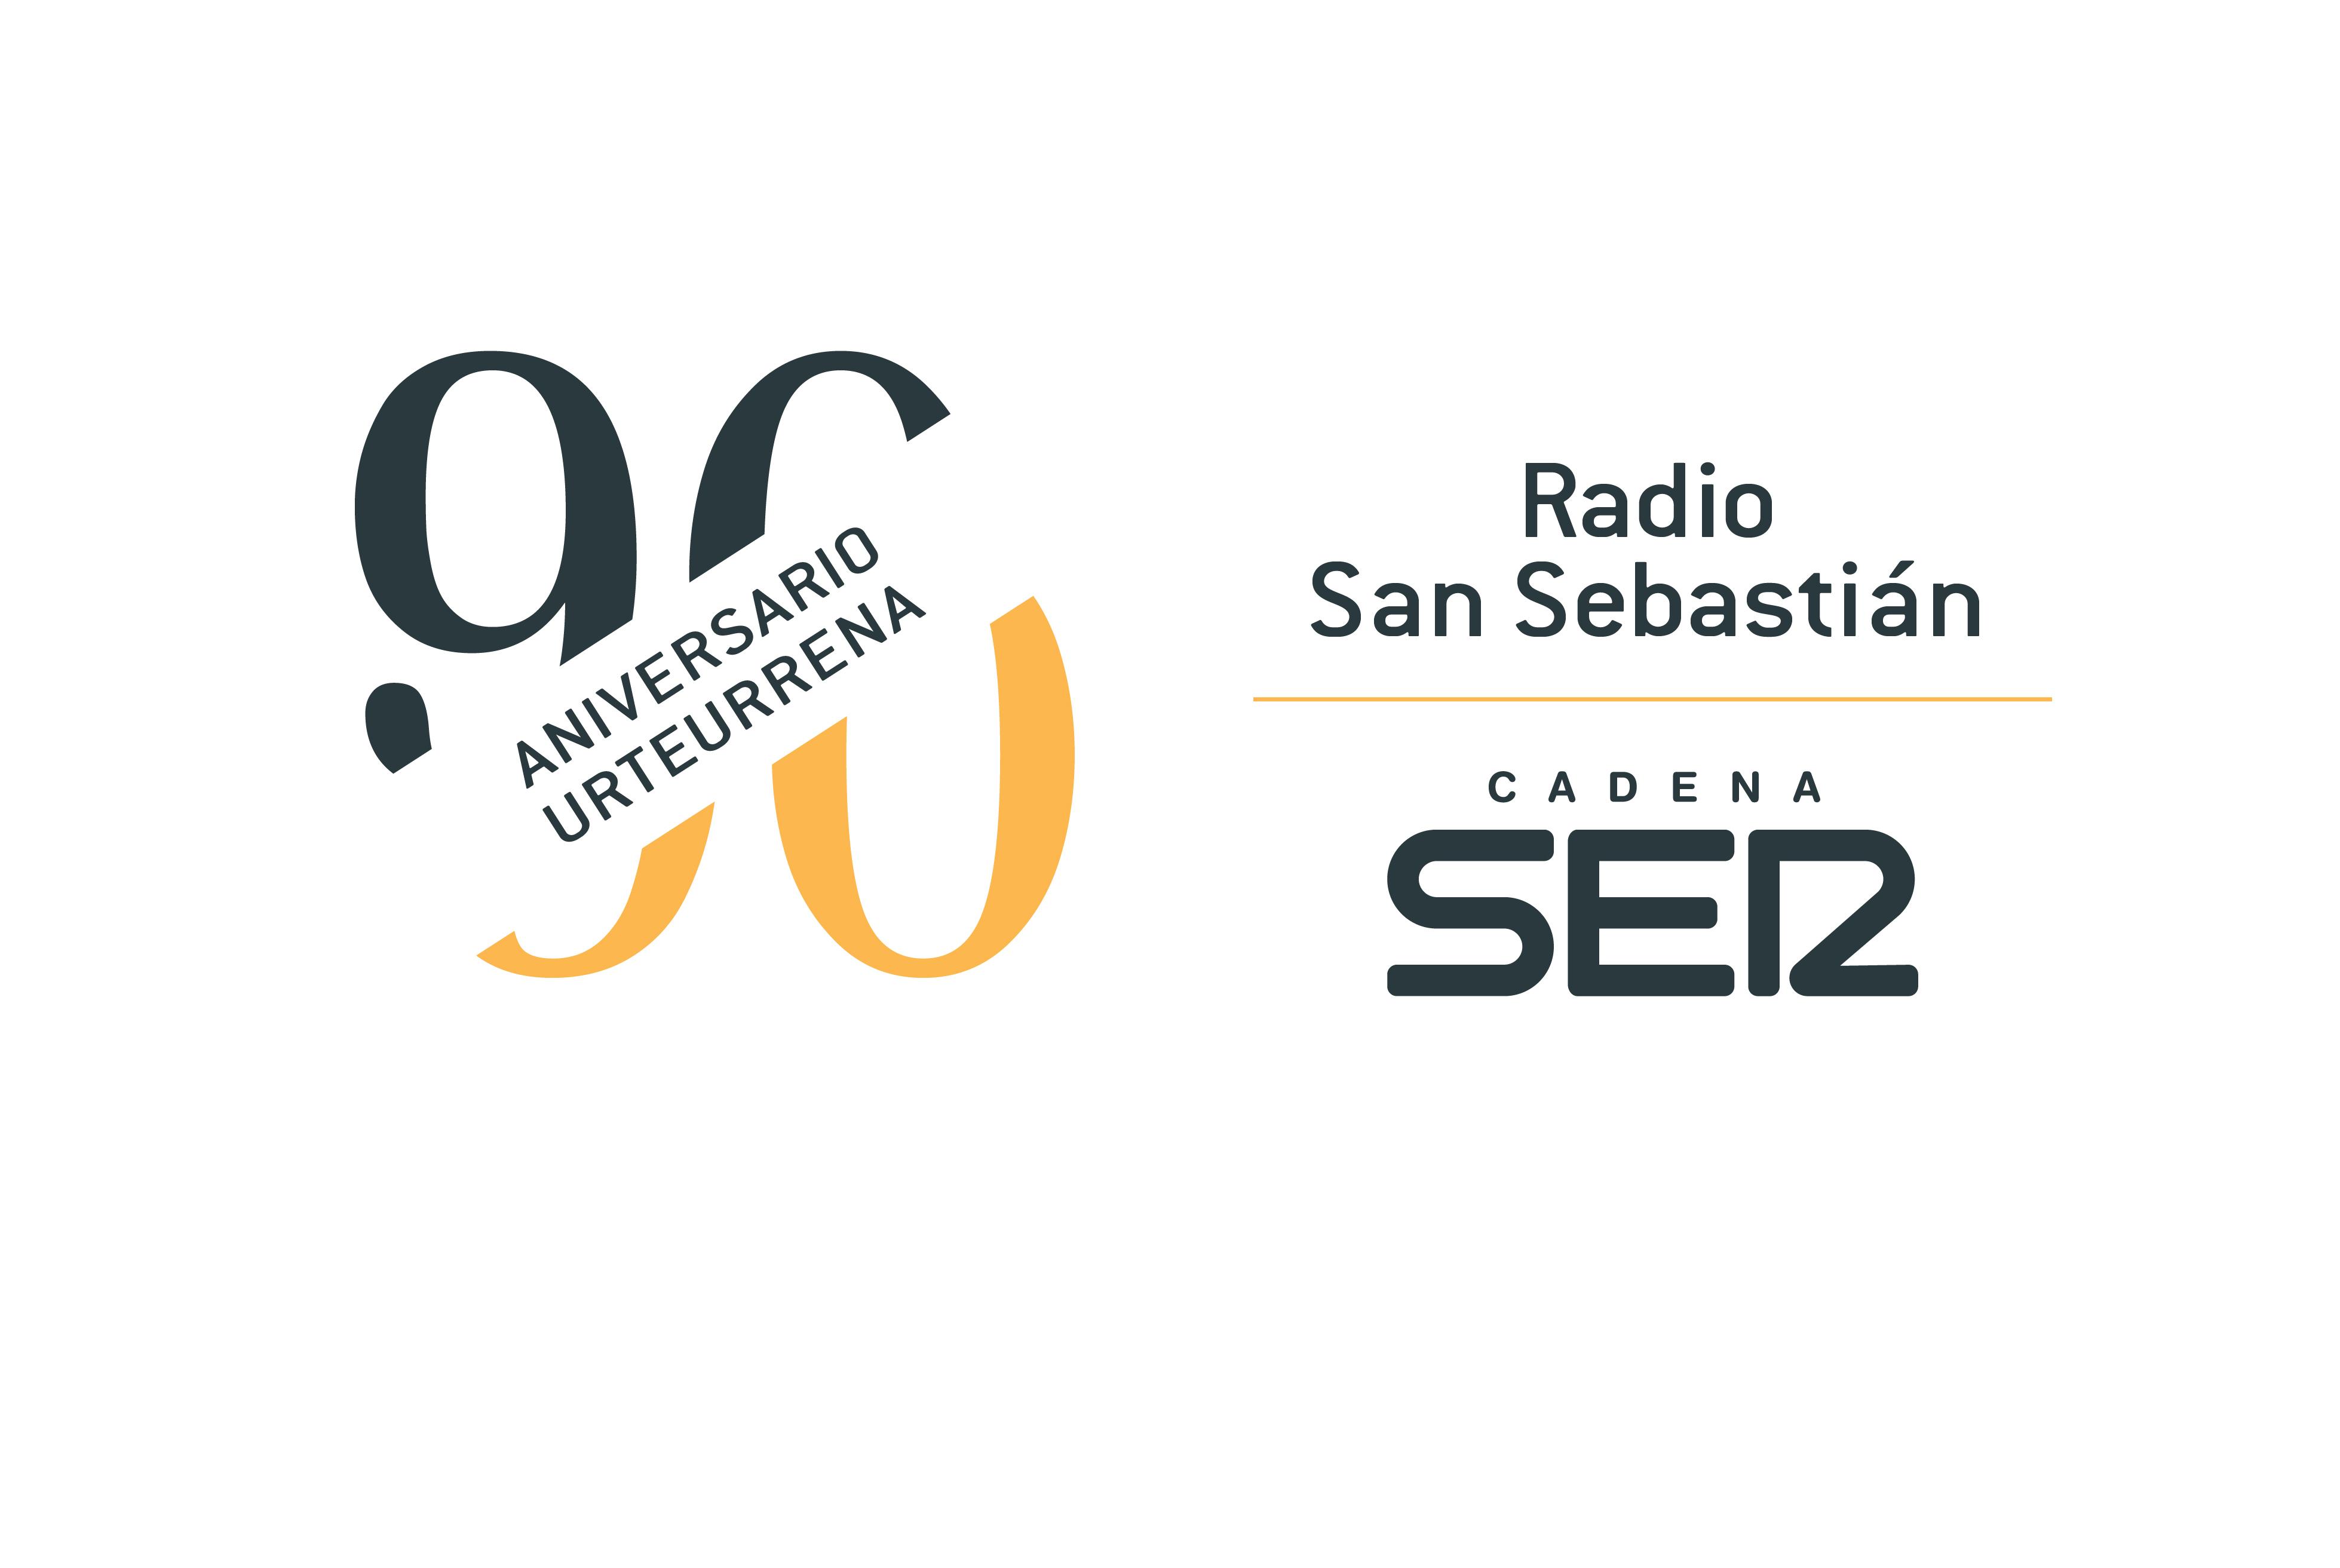 90 aniversario Radio San Sebastián